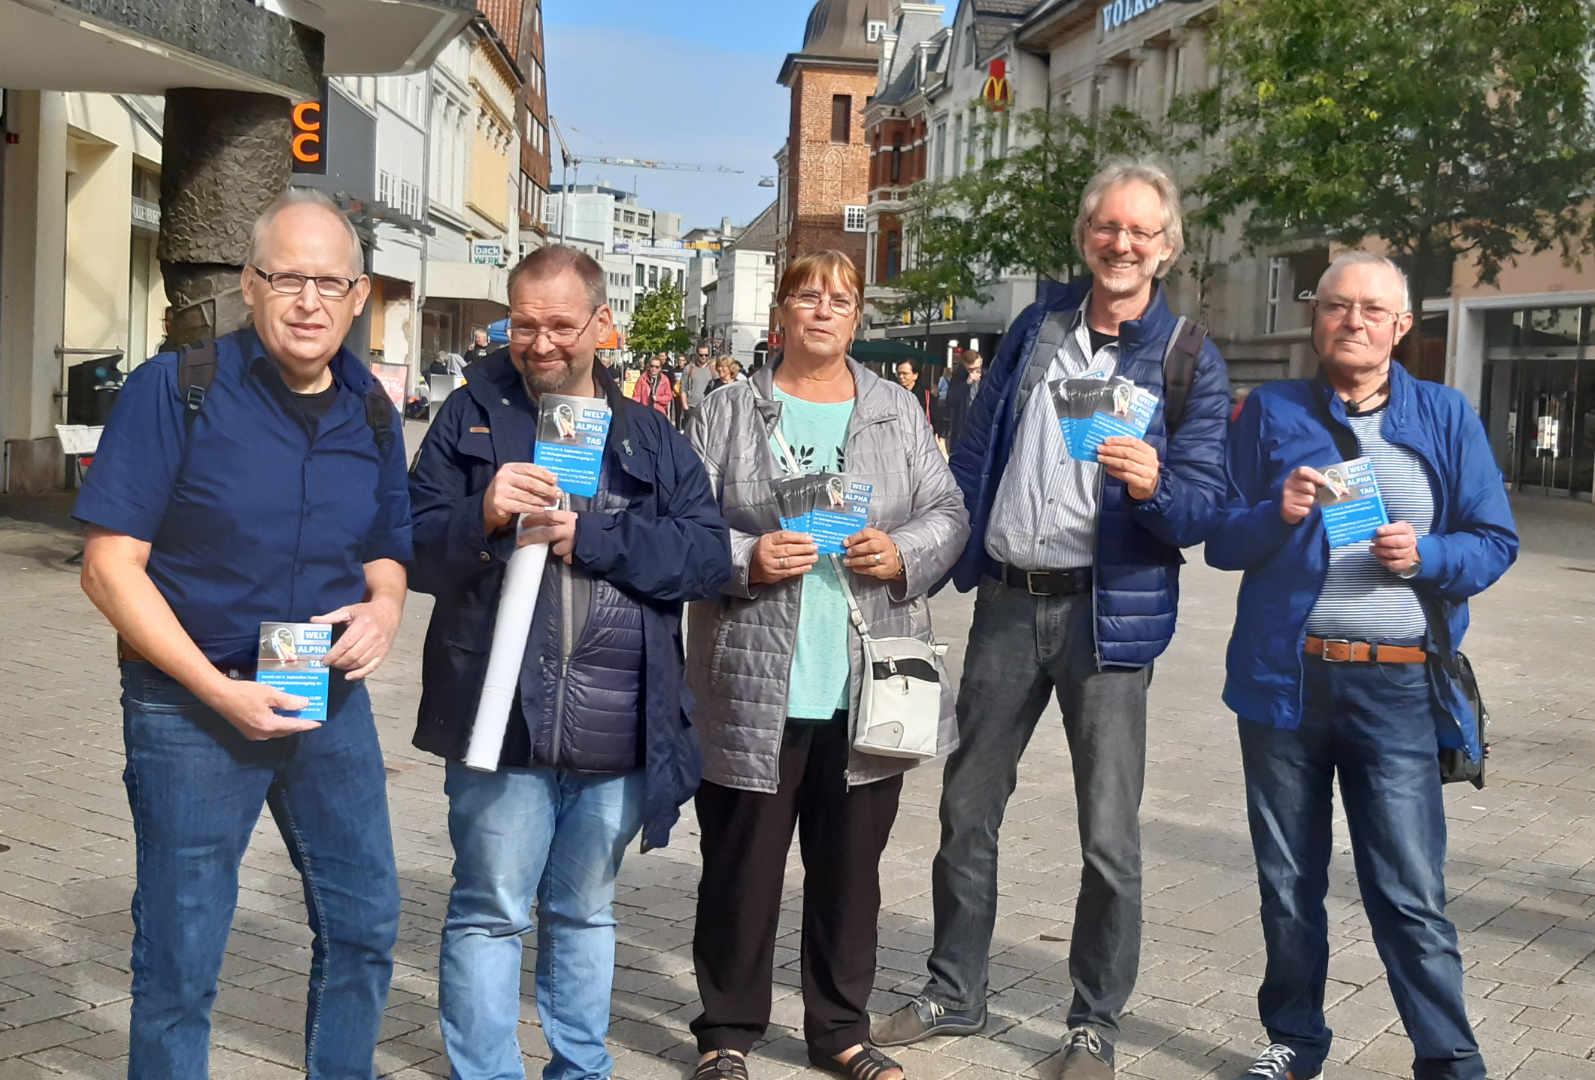 Von li.: Ernst, Markus, Bärbel, Achim, Klaus mit Handzetteln in der Oldenburger Innenstadt